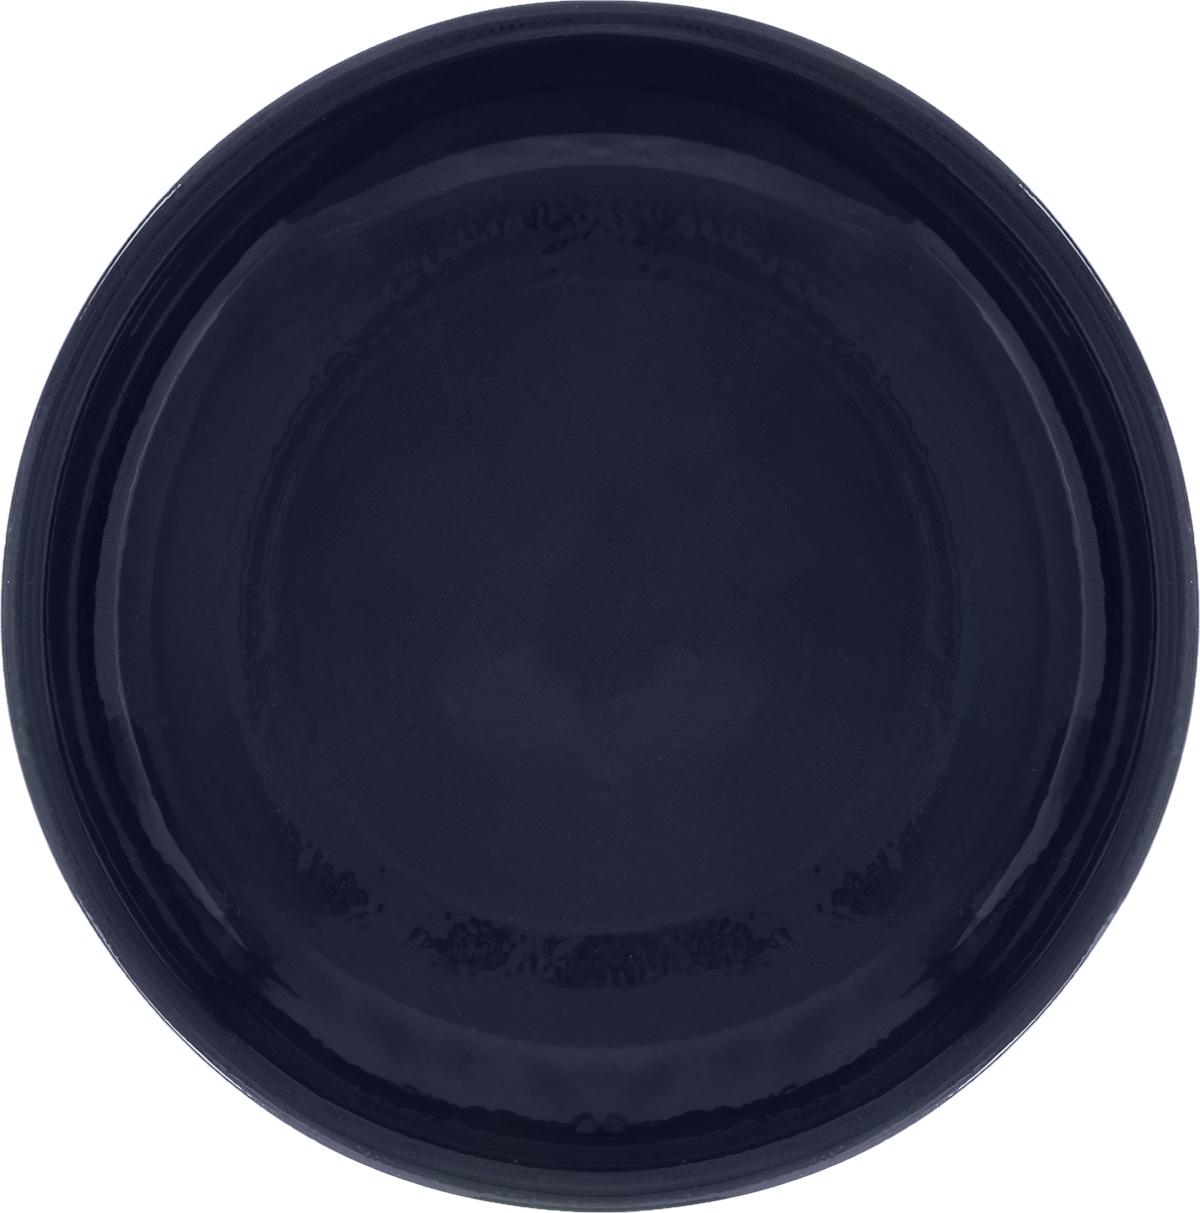 Тарелка Борисовская керамика Радуга, цвет: темно-синий, диаметр 18 смРАД00000458_темно-синийТарелка Борисовская керамика Радуга, изготовленная из глины, имеет изысканный внешний вид. Лаконичный дизайн придется по вкусу и ценителям классики, и тем, кто предпочитает утонченность. Такая тарелка идеально подойдет для сервировки стола, а также для запекания вторых блюд в духовке. Тарелка Борисовская керамика Радуга впишется в любой интерьер современной кухни и станет отличным подарком для вас и ваших близких. Можно использовать в микроволновой печи и духовке. Диаметр (по верхнему краю): 18 см.